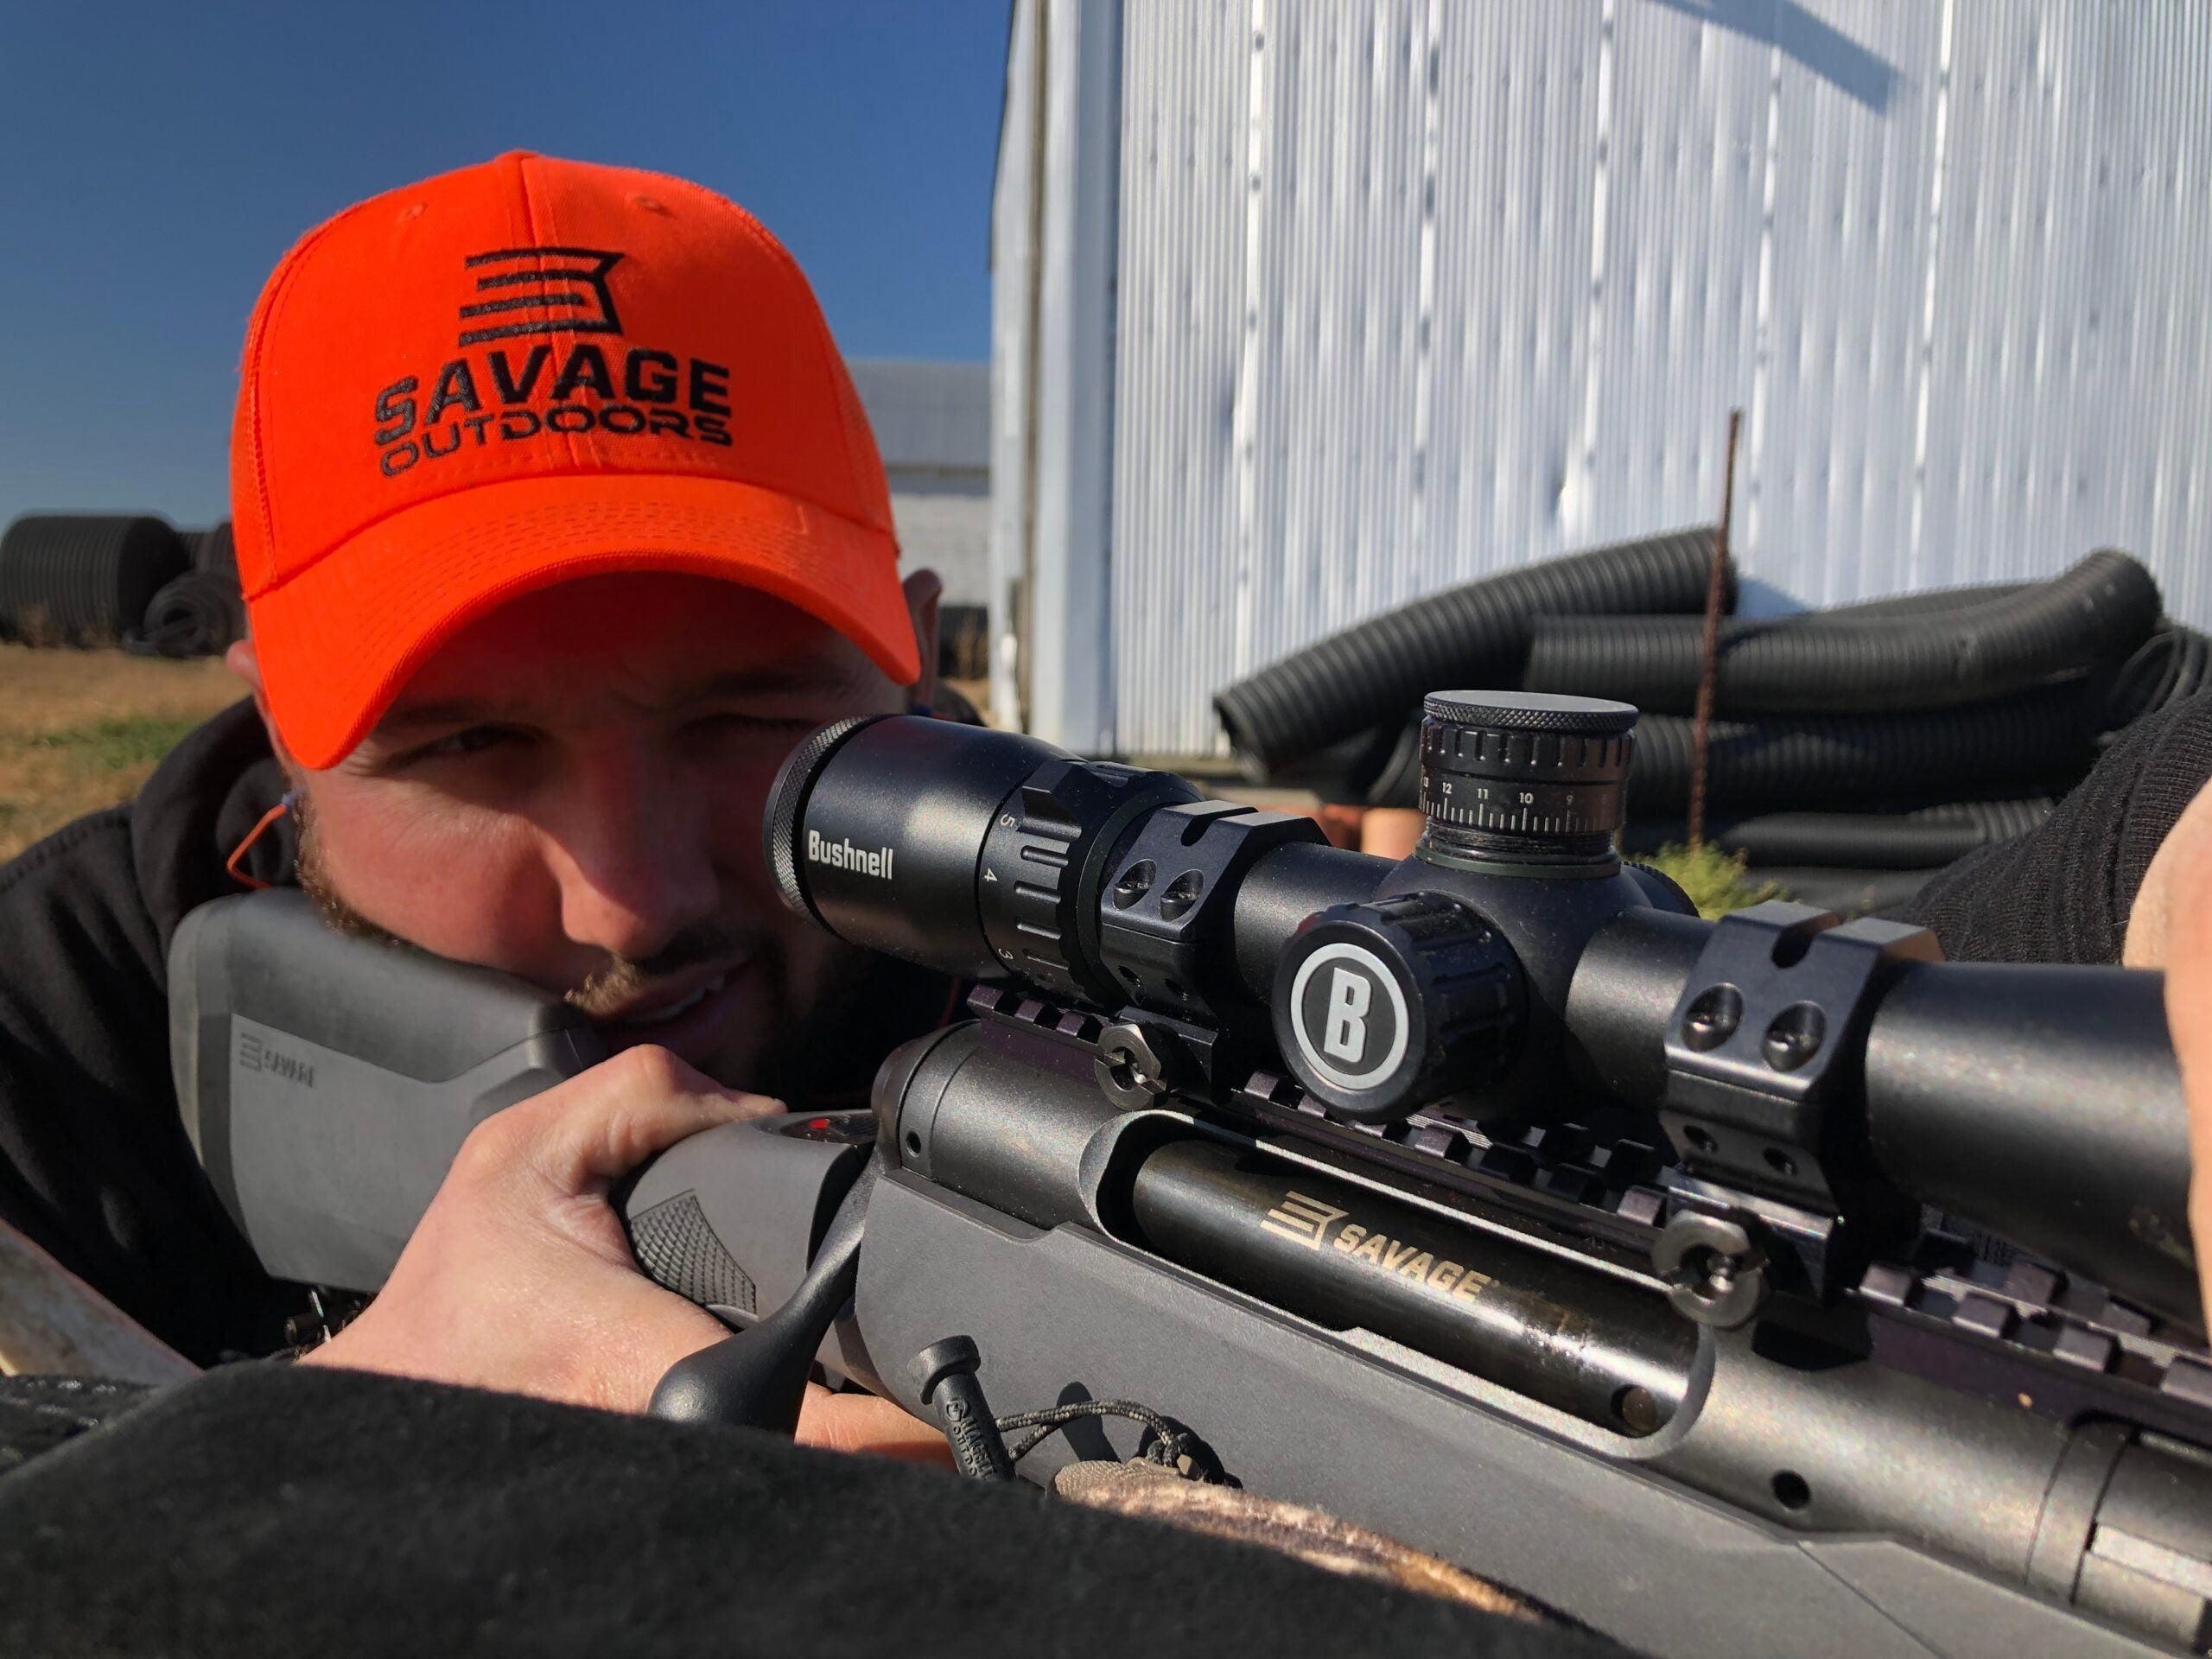 Deer hunter sighting in Savage 220 slug gun in 20-gauge